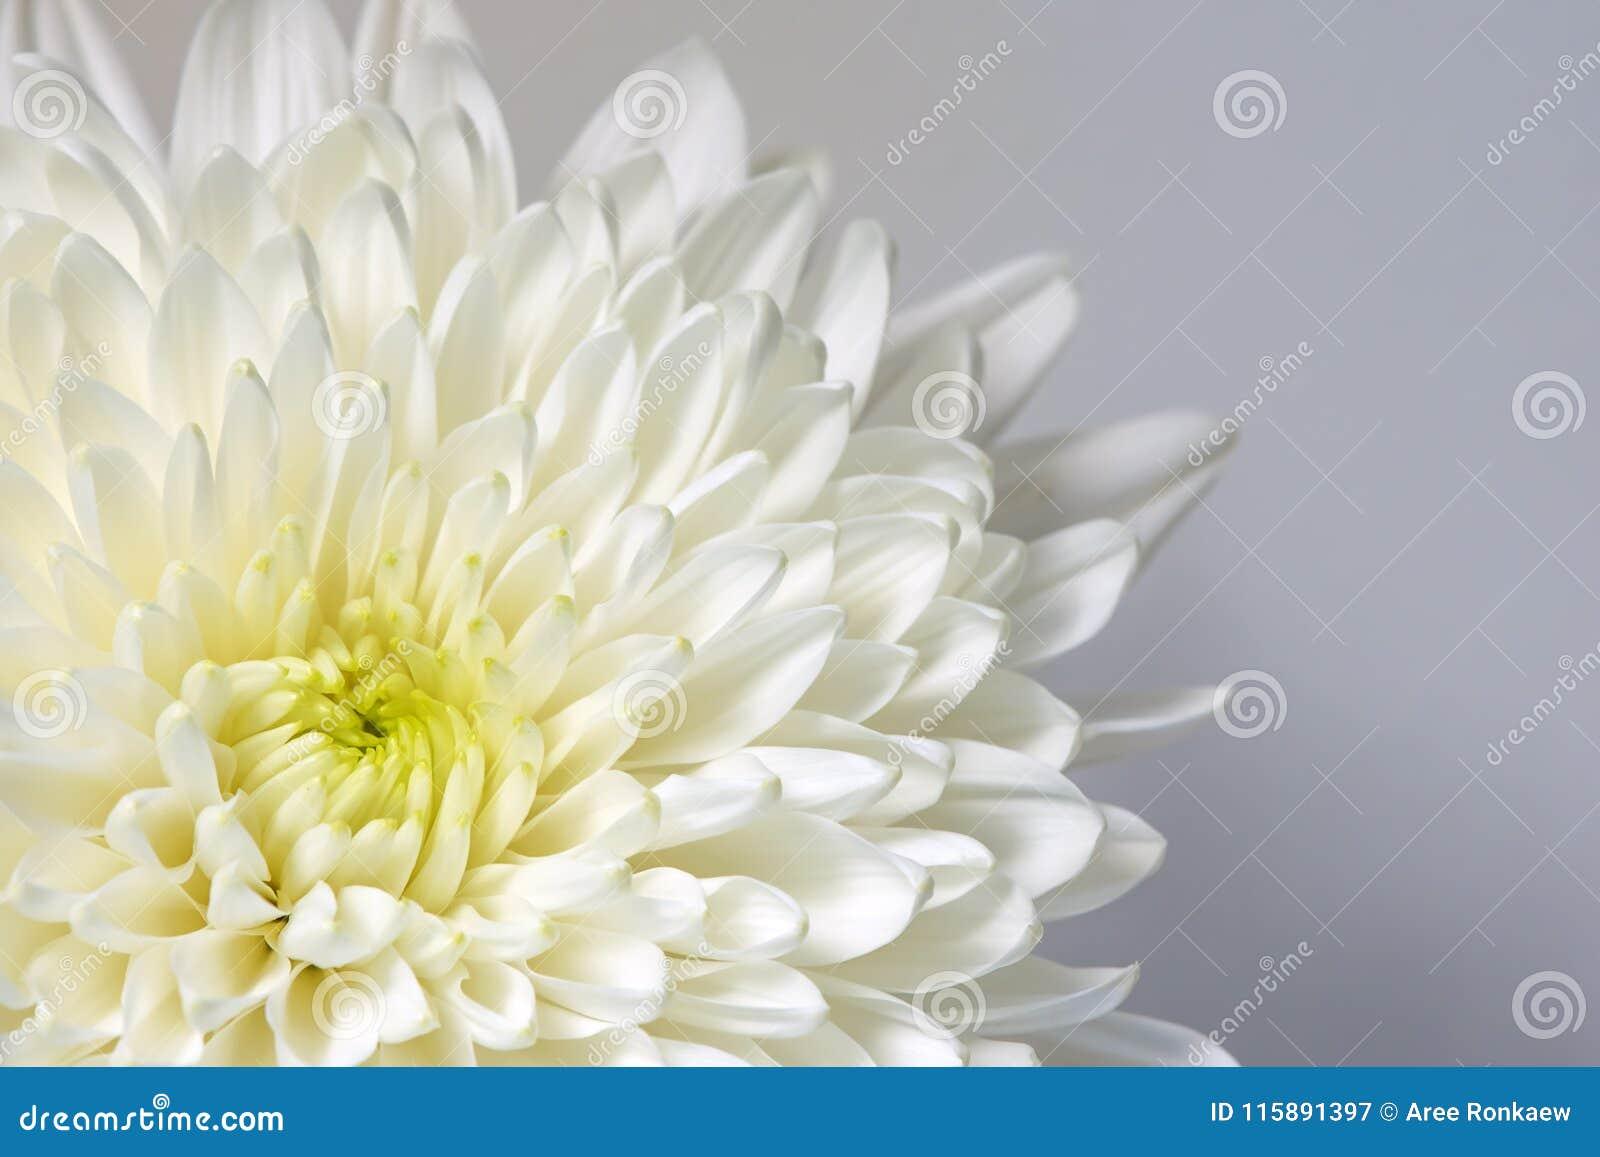 Mum white flower white flower stock image image of white macro download mum white flower white flower stock image image of white macro mightylinksfo